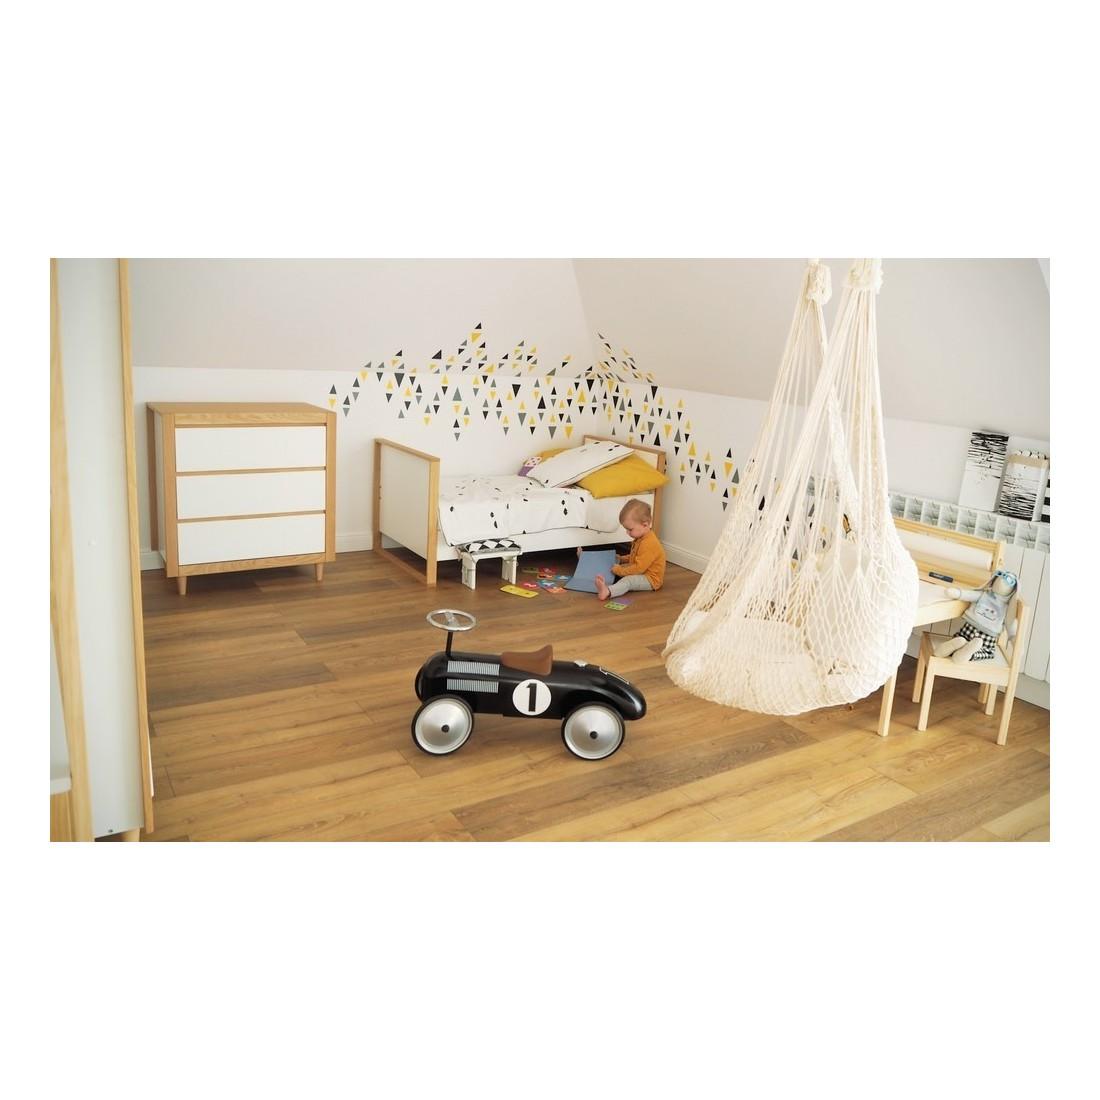 Designerski Siatkowy Fotel Wiszący Hamakowy Dla Dzieci